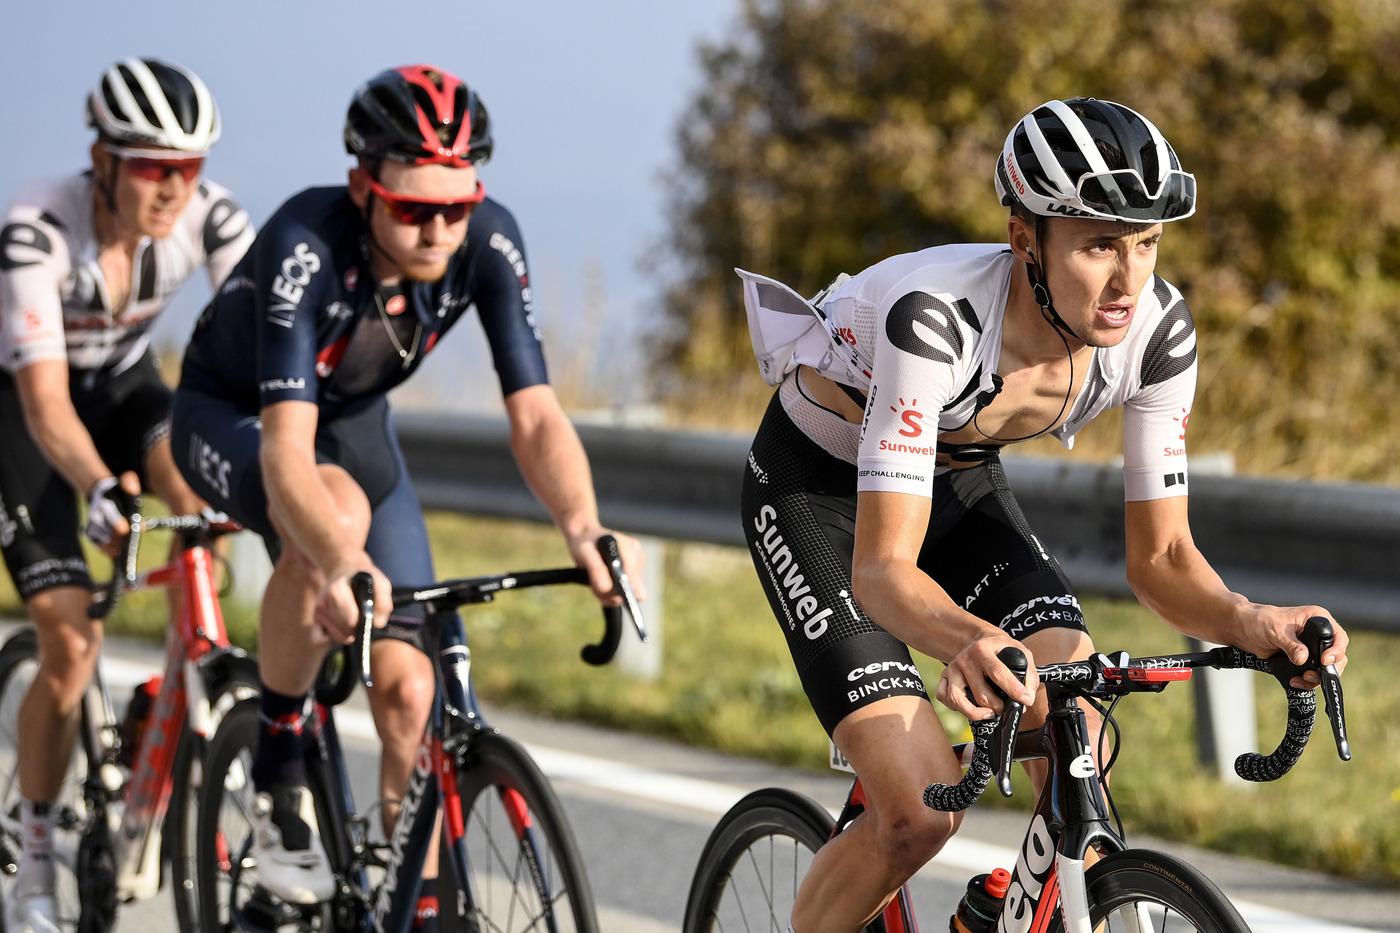 """Giro d'Italia 2020, Jai Hindley: """"Kelderman è il favorito per il successo finale"""""""